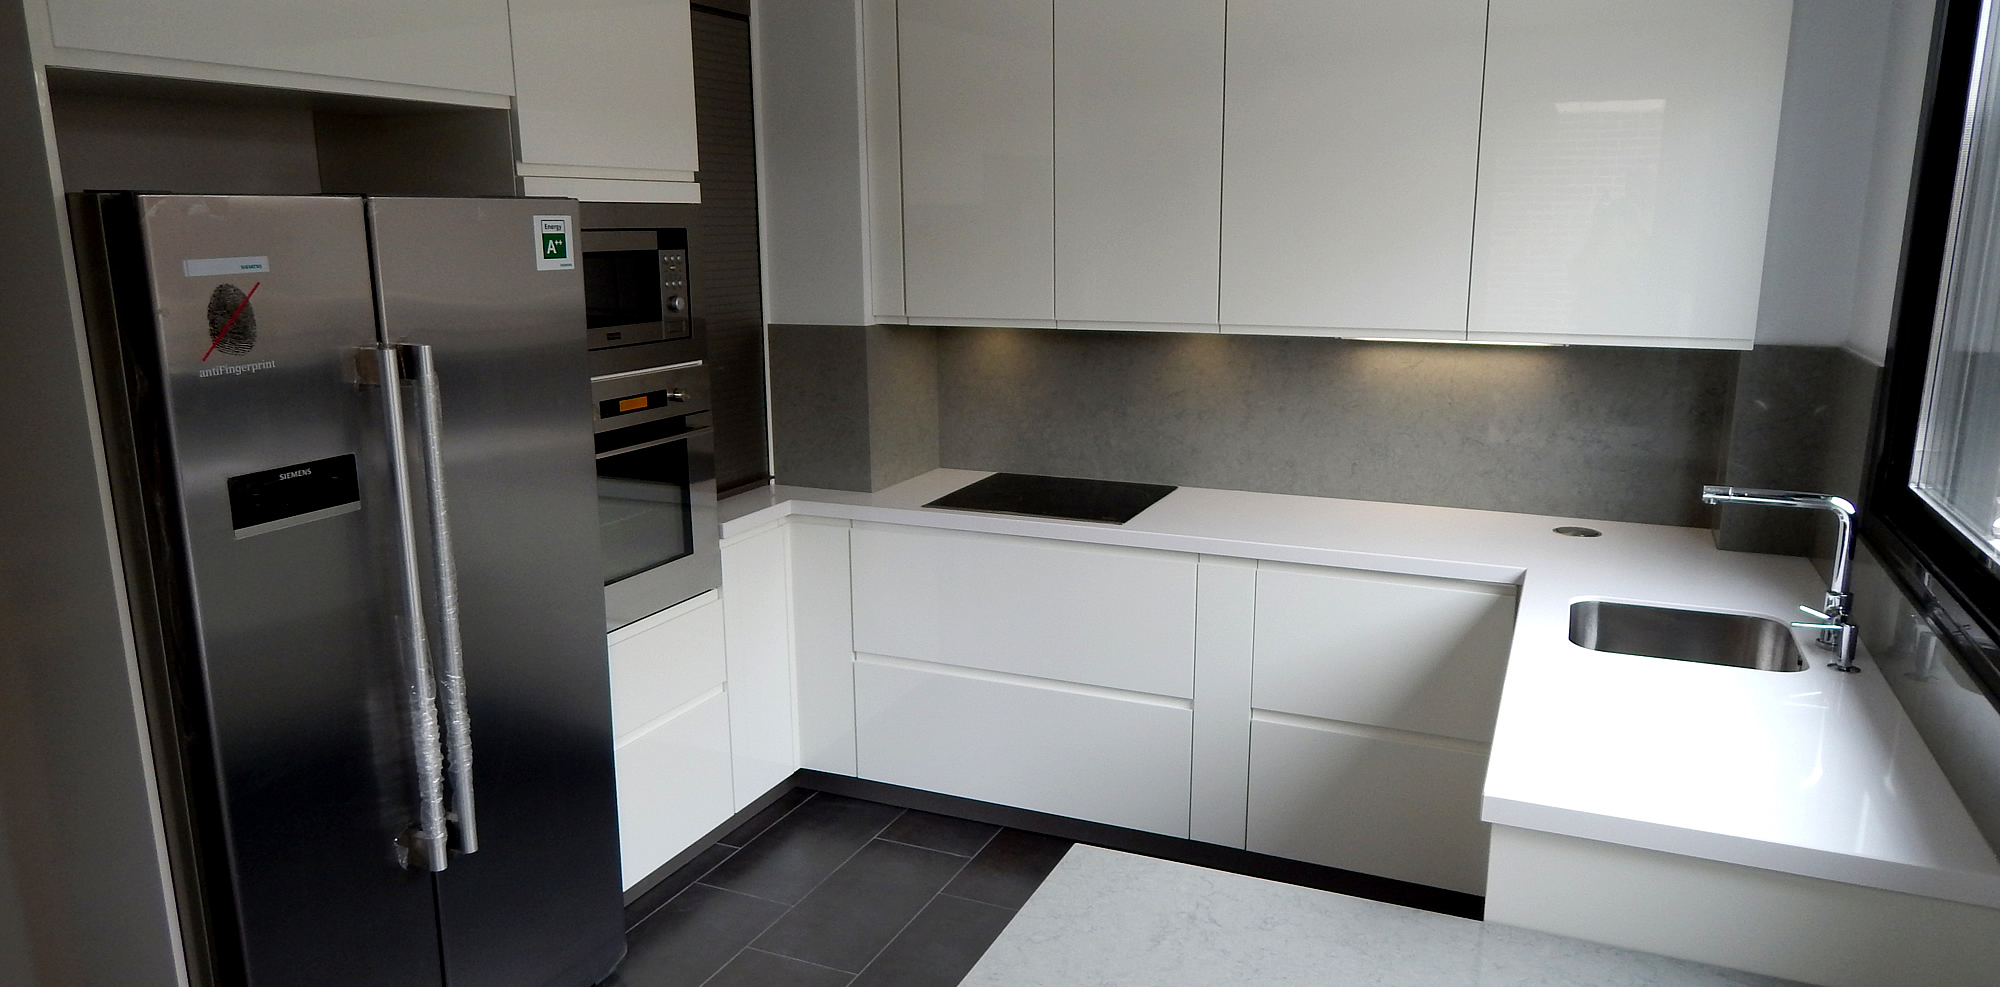 muebles de cocina modelo 5025